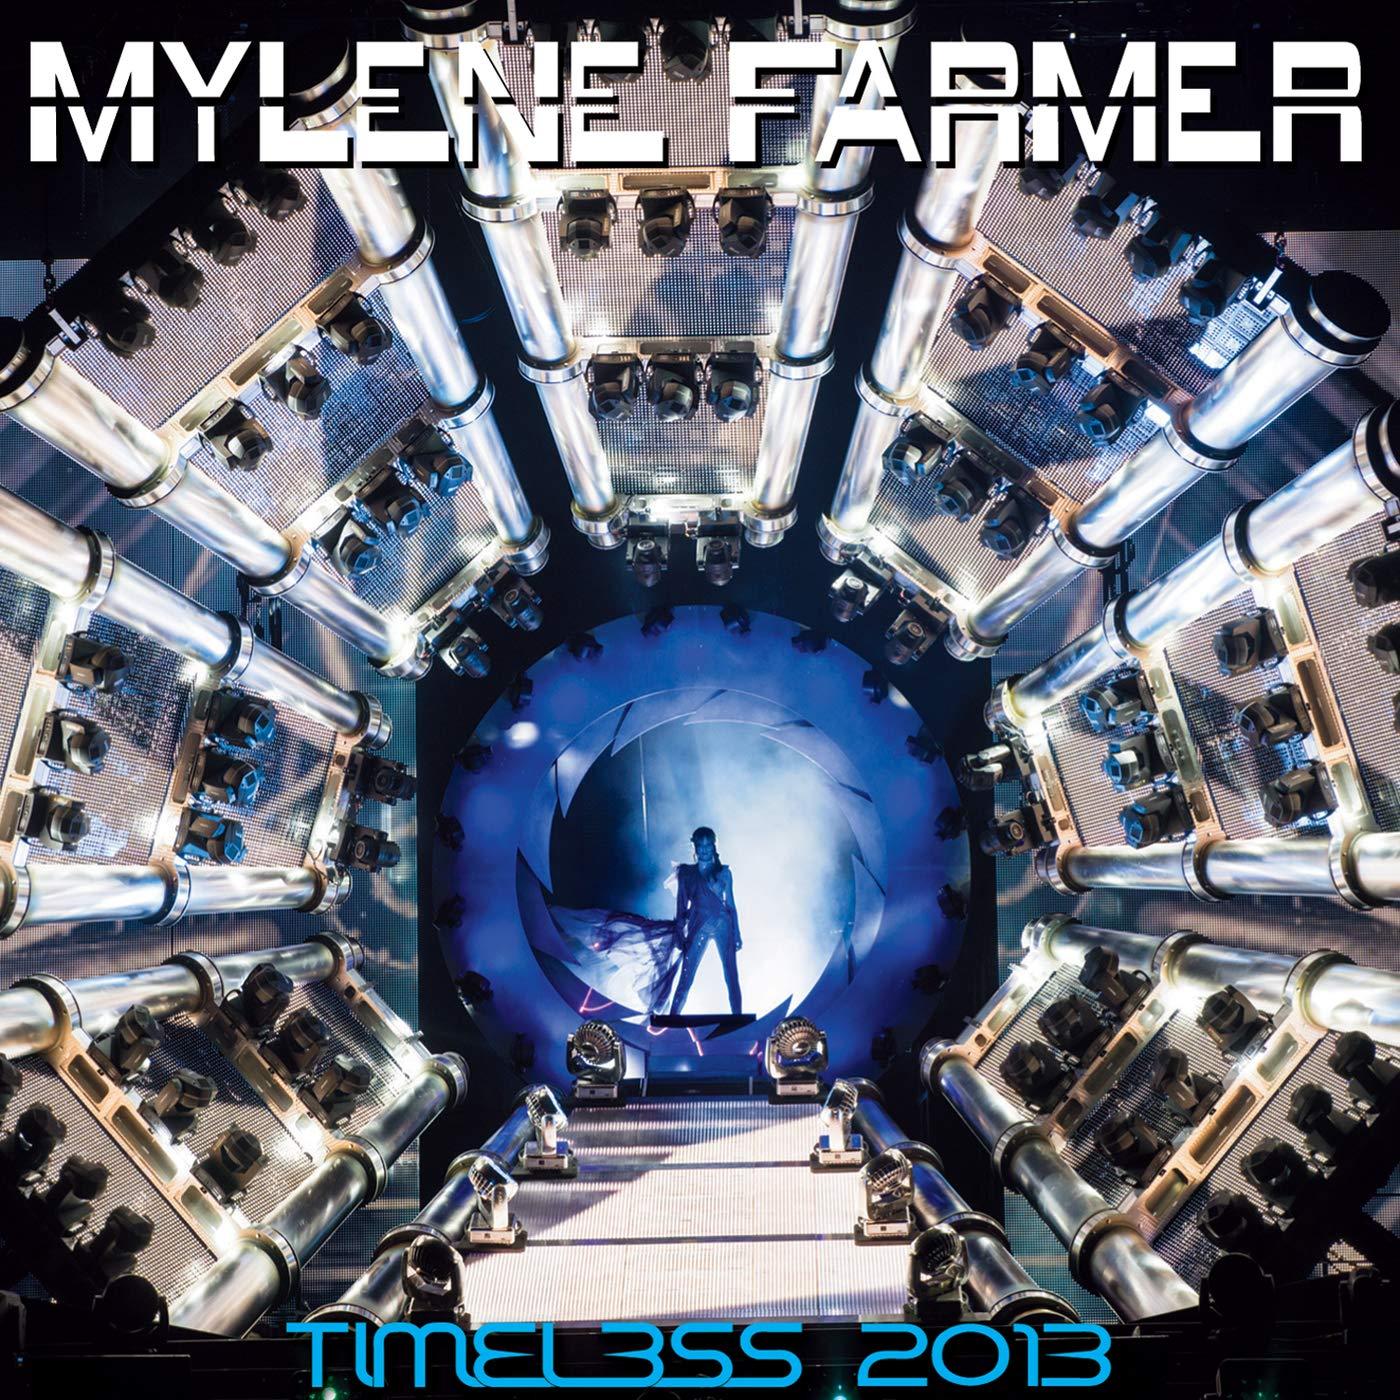 TIMELESS TÉLÉCHARGER FARMER 2013 MYLENE FILM